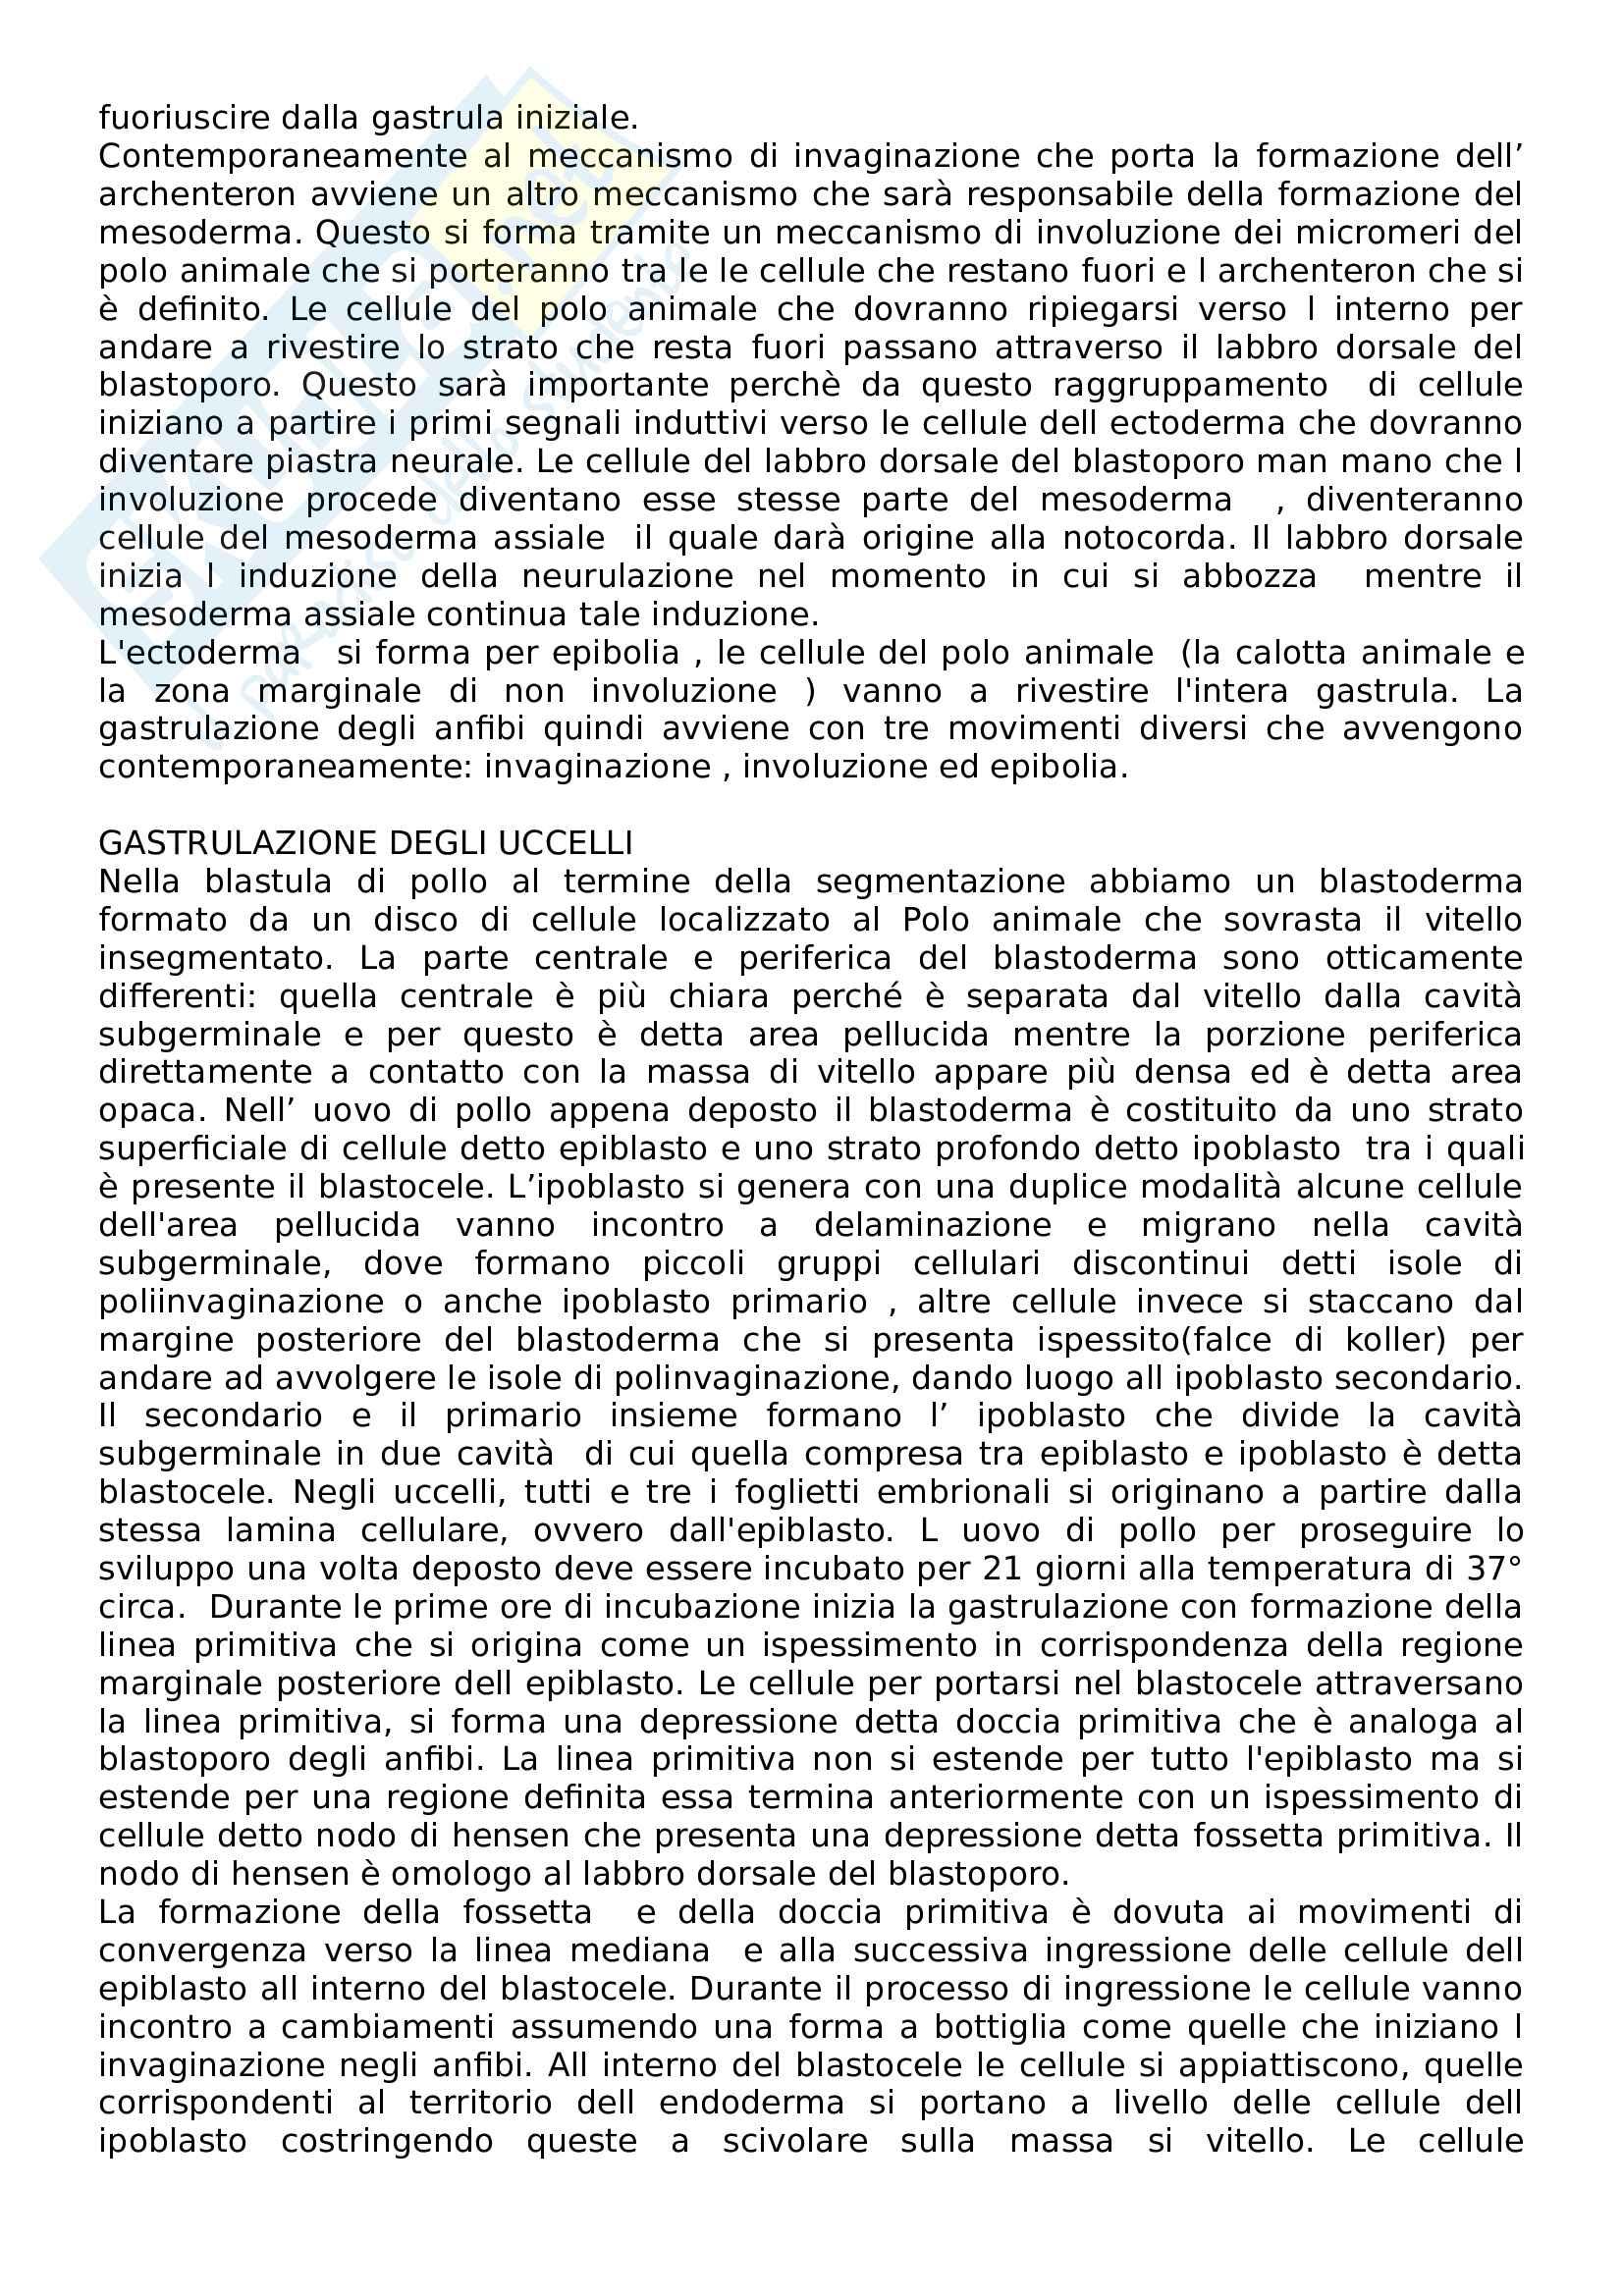 Biologia dello sviluppo Pag. 26